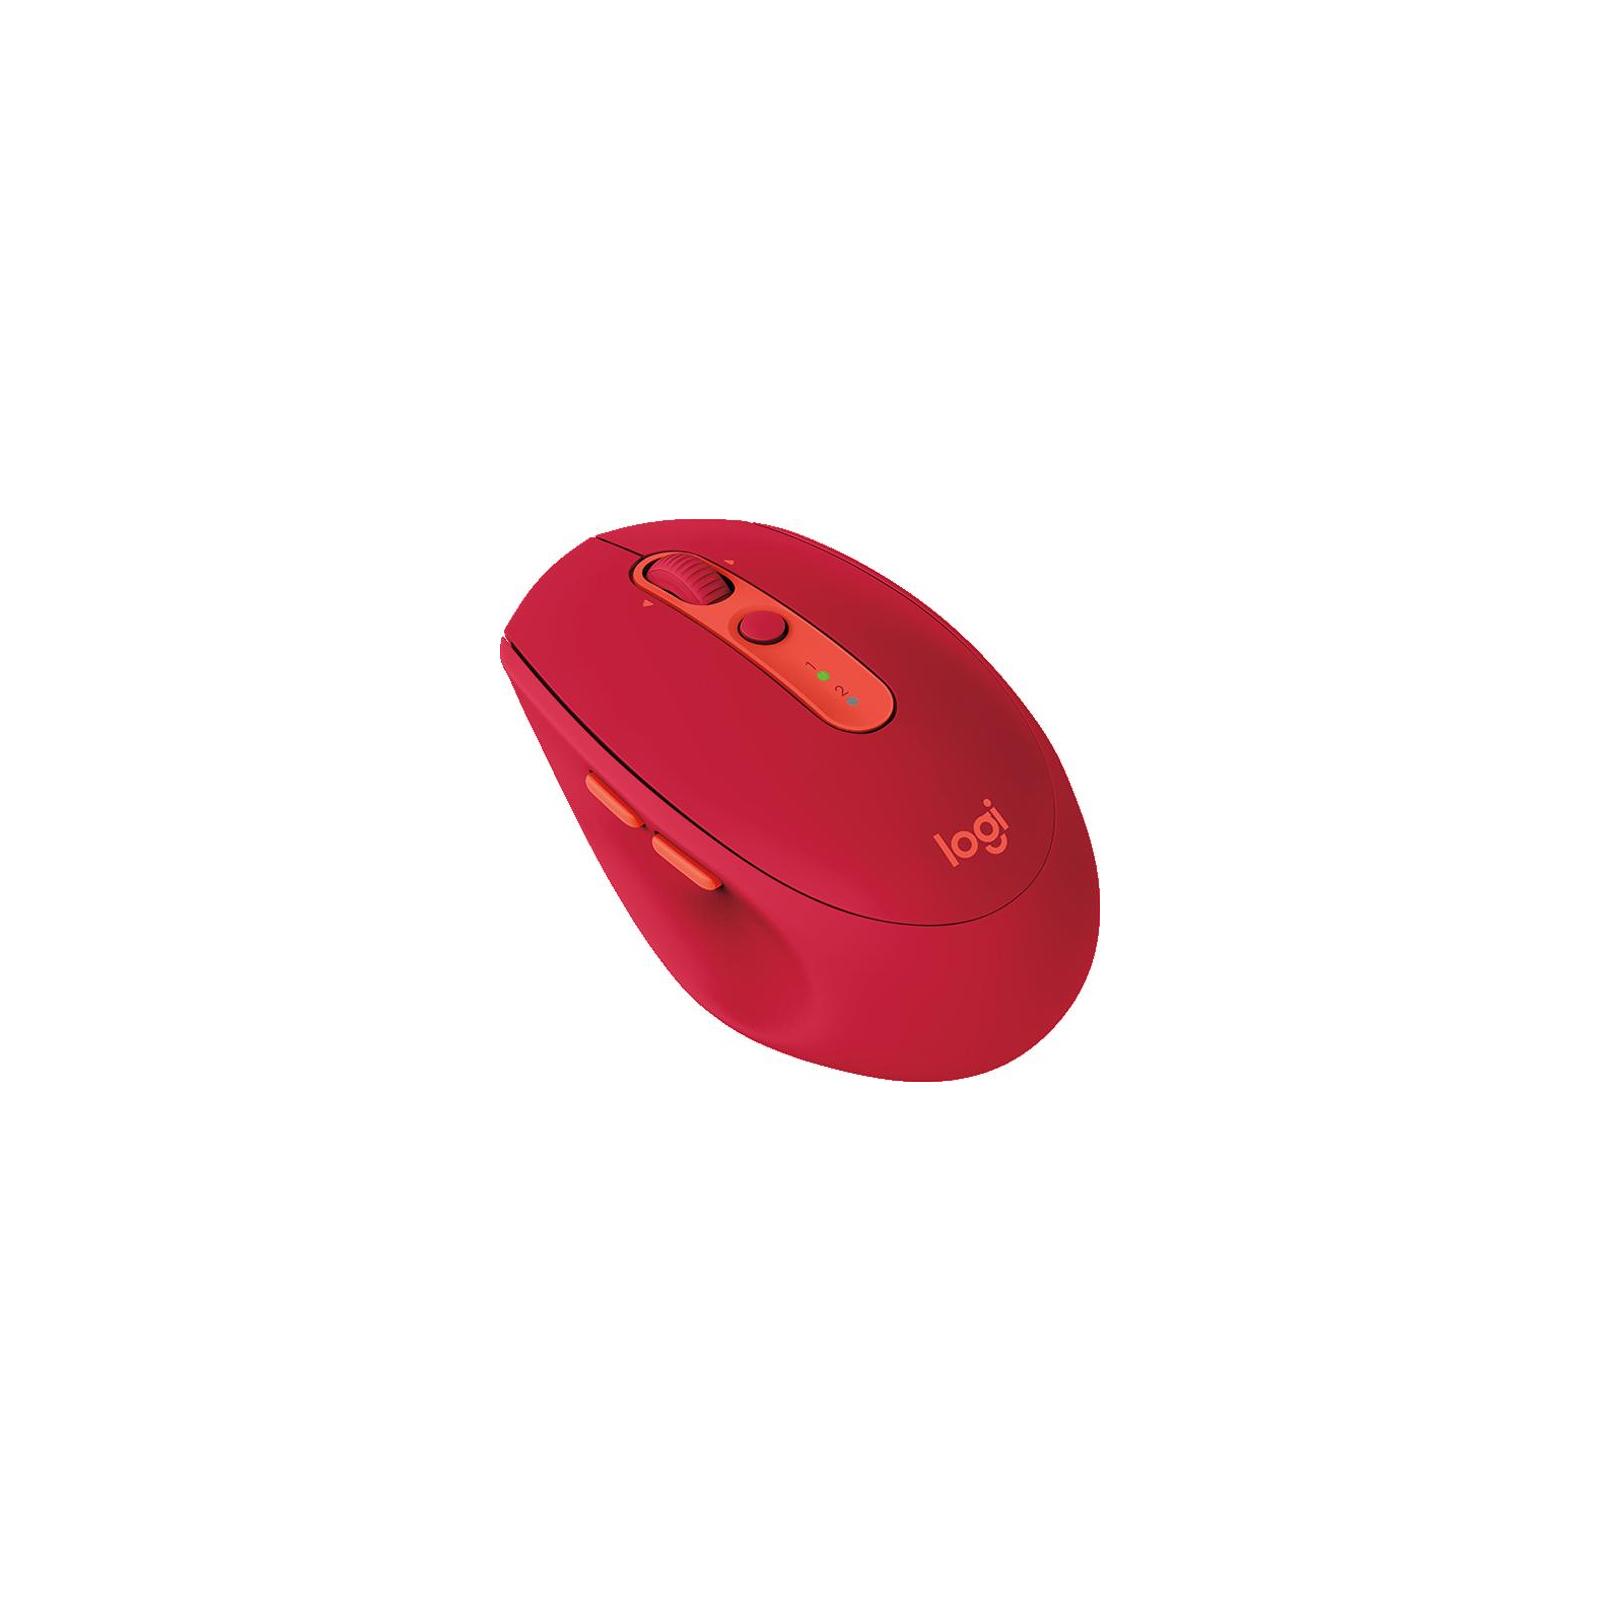 Мышка Logitech M590 Silent Ruby (910-005199) изображение 2